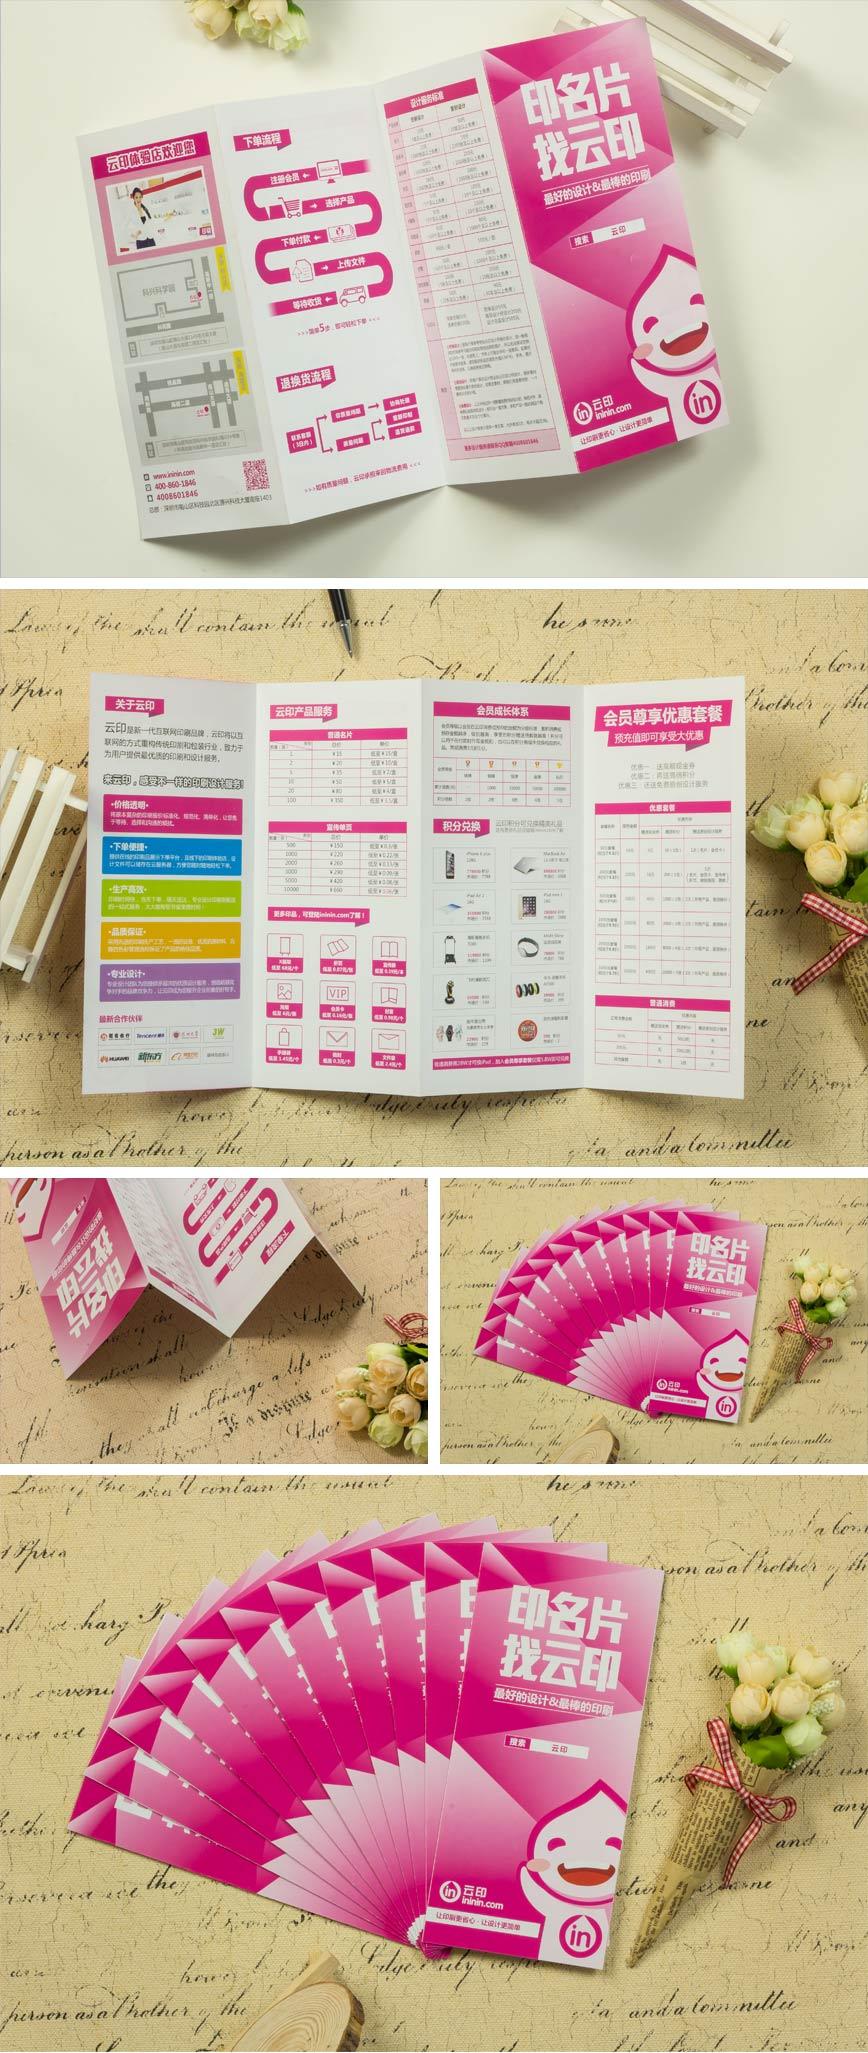 四折页宣传单样品展示,四折页宣传单局部细节、颜色、款式展示。